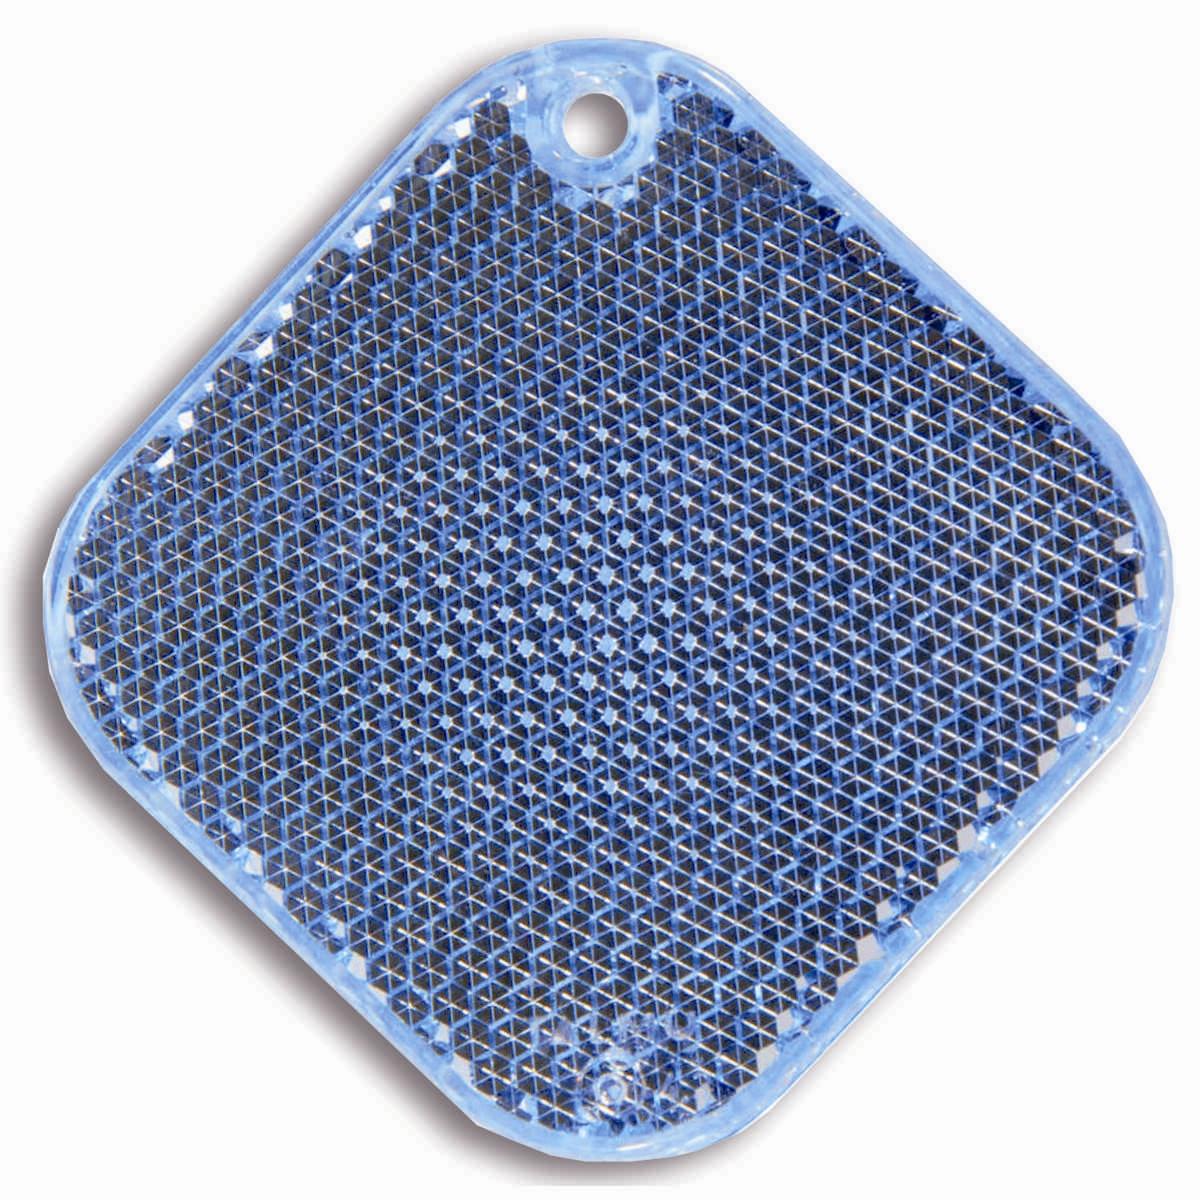 Светоотражатель пешеходный Coreflect Ромб, цвет: синийCA-3505Пешеходный светоотражатель — это серьезное средство безопасности на дороге. Использование светоотражателей позволяет в десятки раз сократить количество ДТП с участием пешеходов в темное время суток. Светоотражатель крепится на одежду и обладает способностью к направленному отражению светового потока. Благодаря такому отражению, водитель может вовремя заметить пешехода в темноте, даже если он стоит или двигается по обочине. А значит, он успеет среагировать и избежит возможного столкновения. С 1 июля 2015 года ношение светоотражателей вне населенных пунктов является обязательным для пешеходов! Мы рекомендуем носить их и в городе! Для безопасности и сохранения жизни!